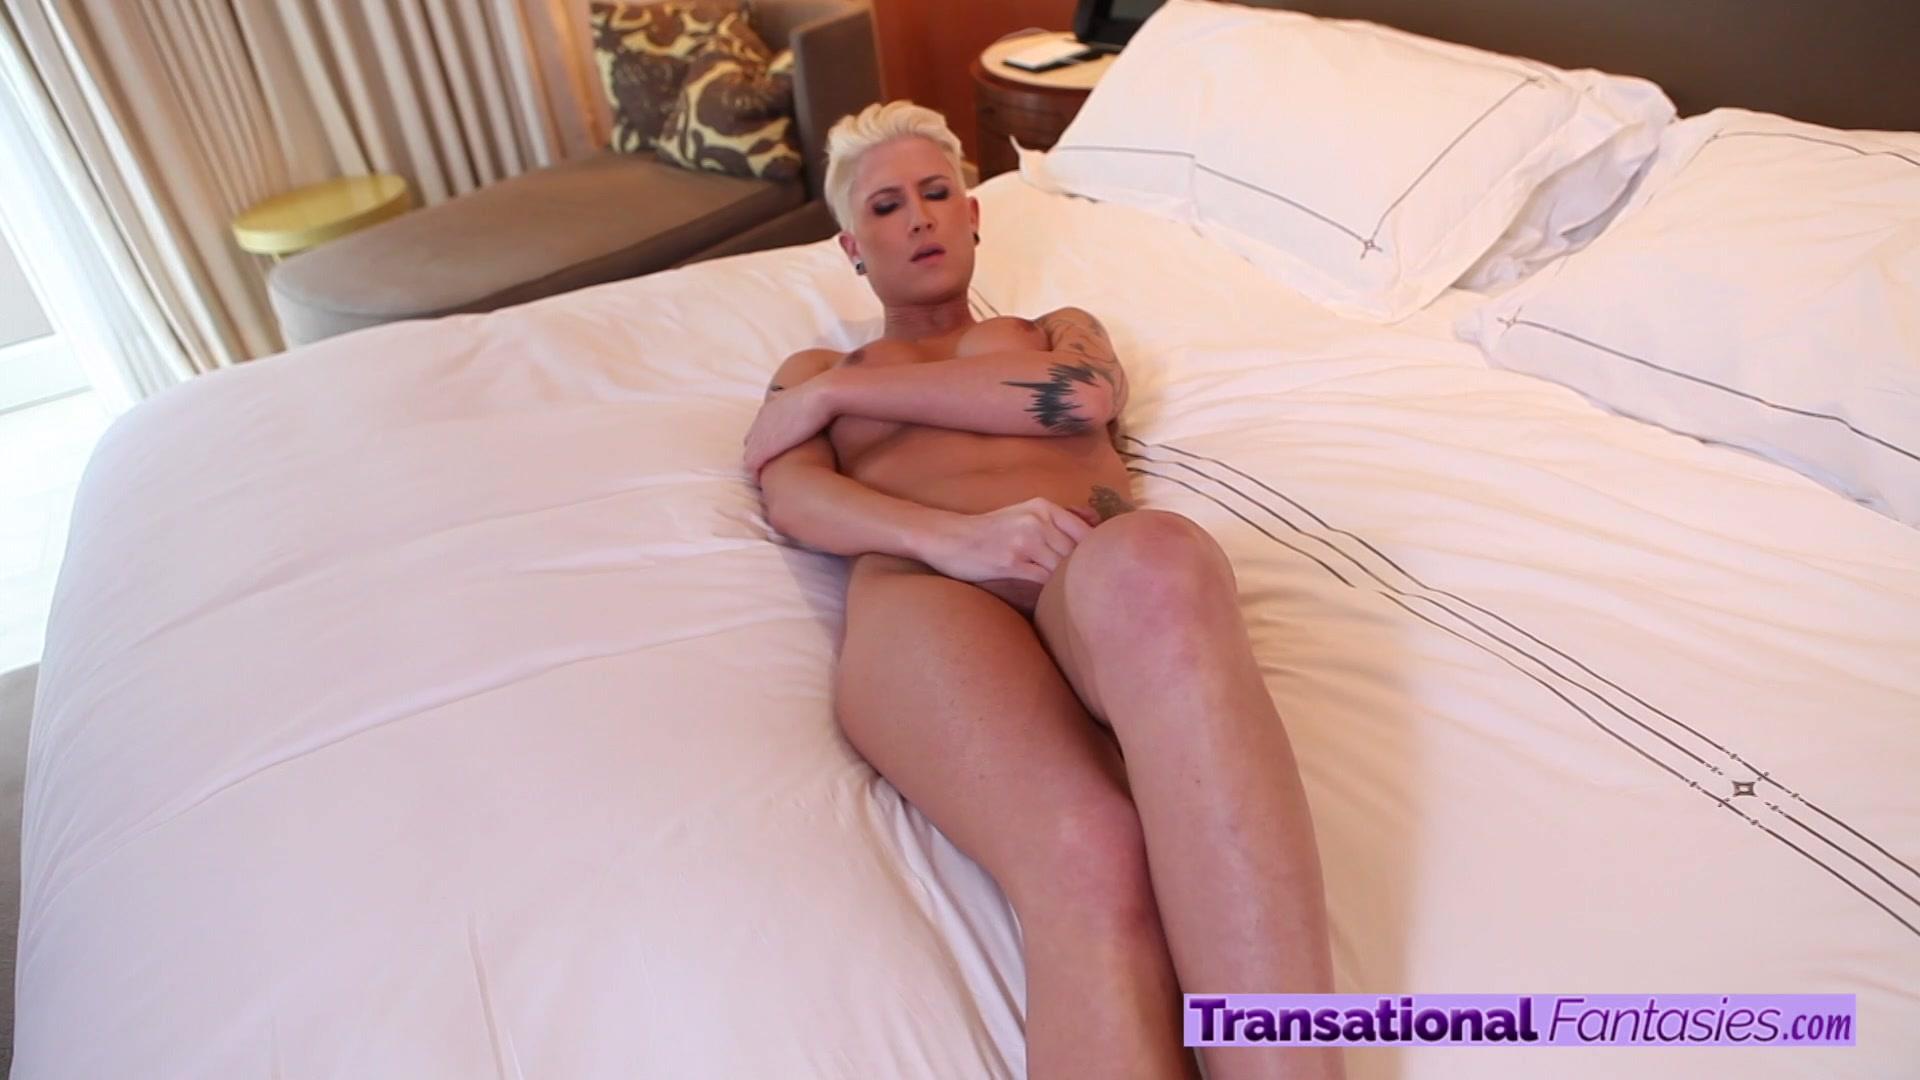 Big boob natural pic sexy